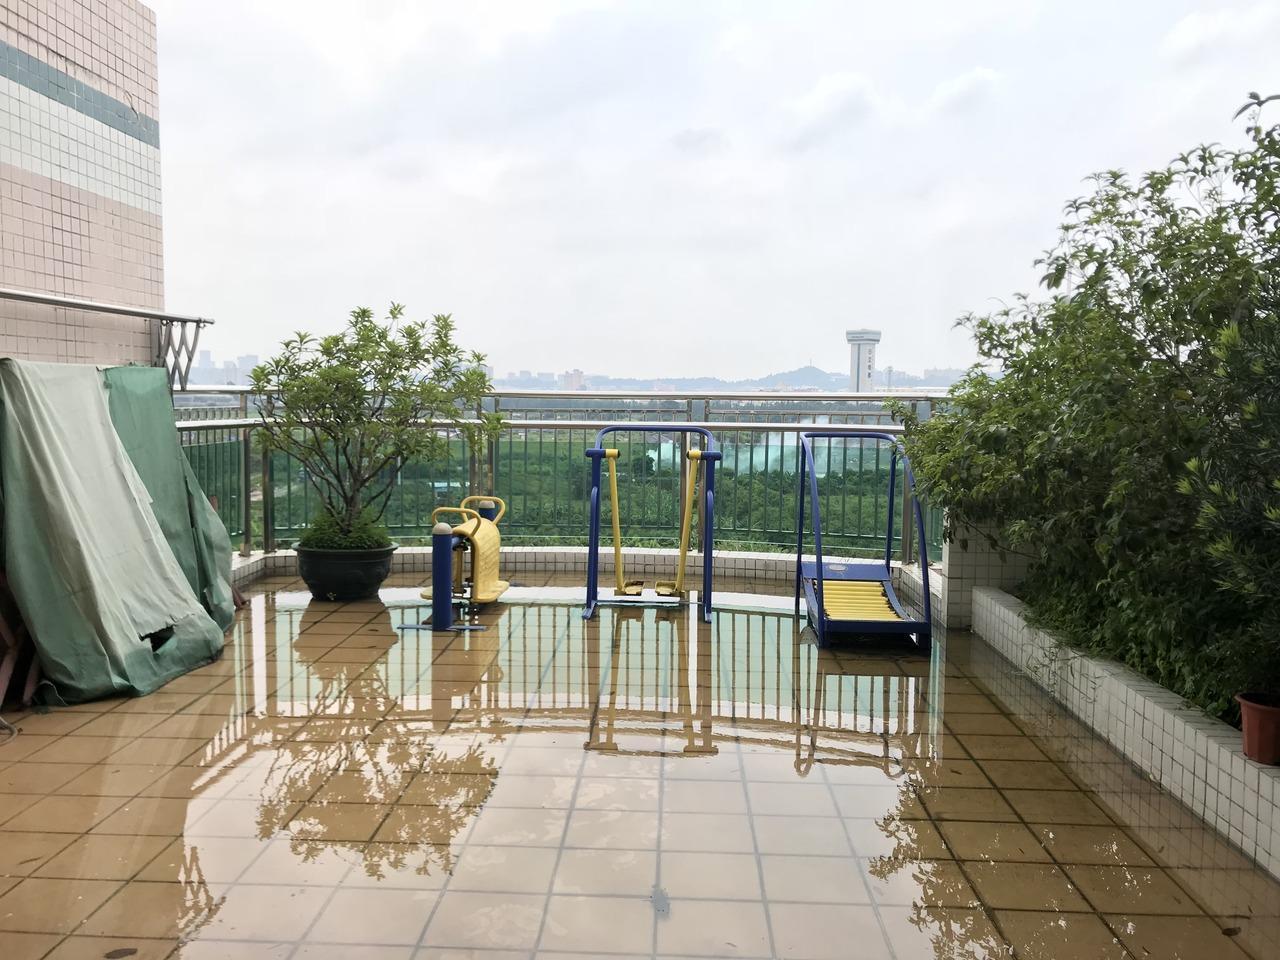 广州碧桂园 二期大复式 东南向 58保真全景房源 假一赔万